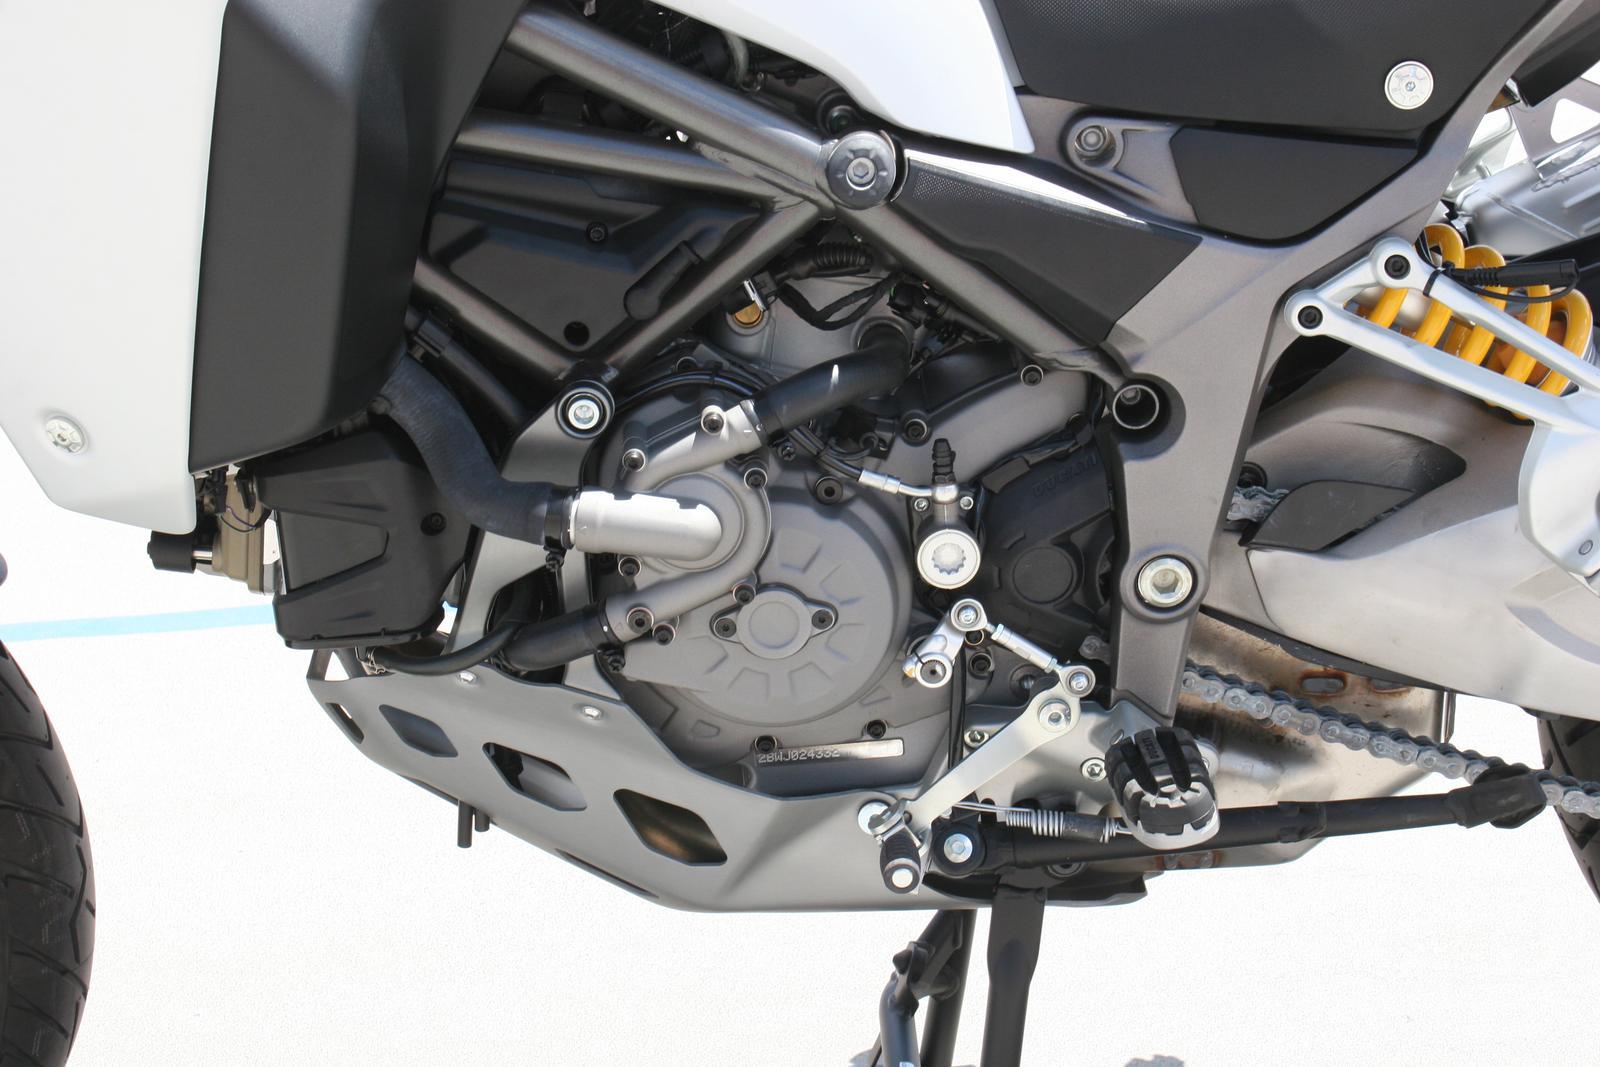 2018 Ducati MULTISTRADA 1200 ENDURO DEMO for sale in